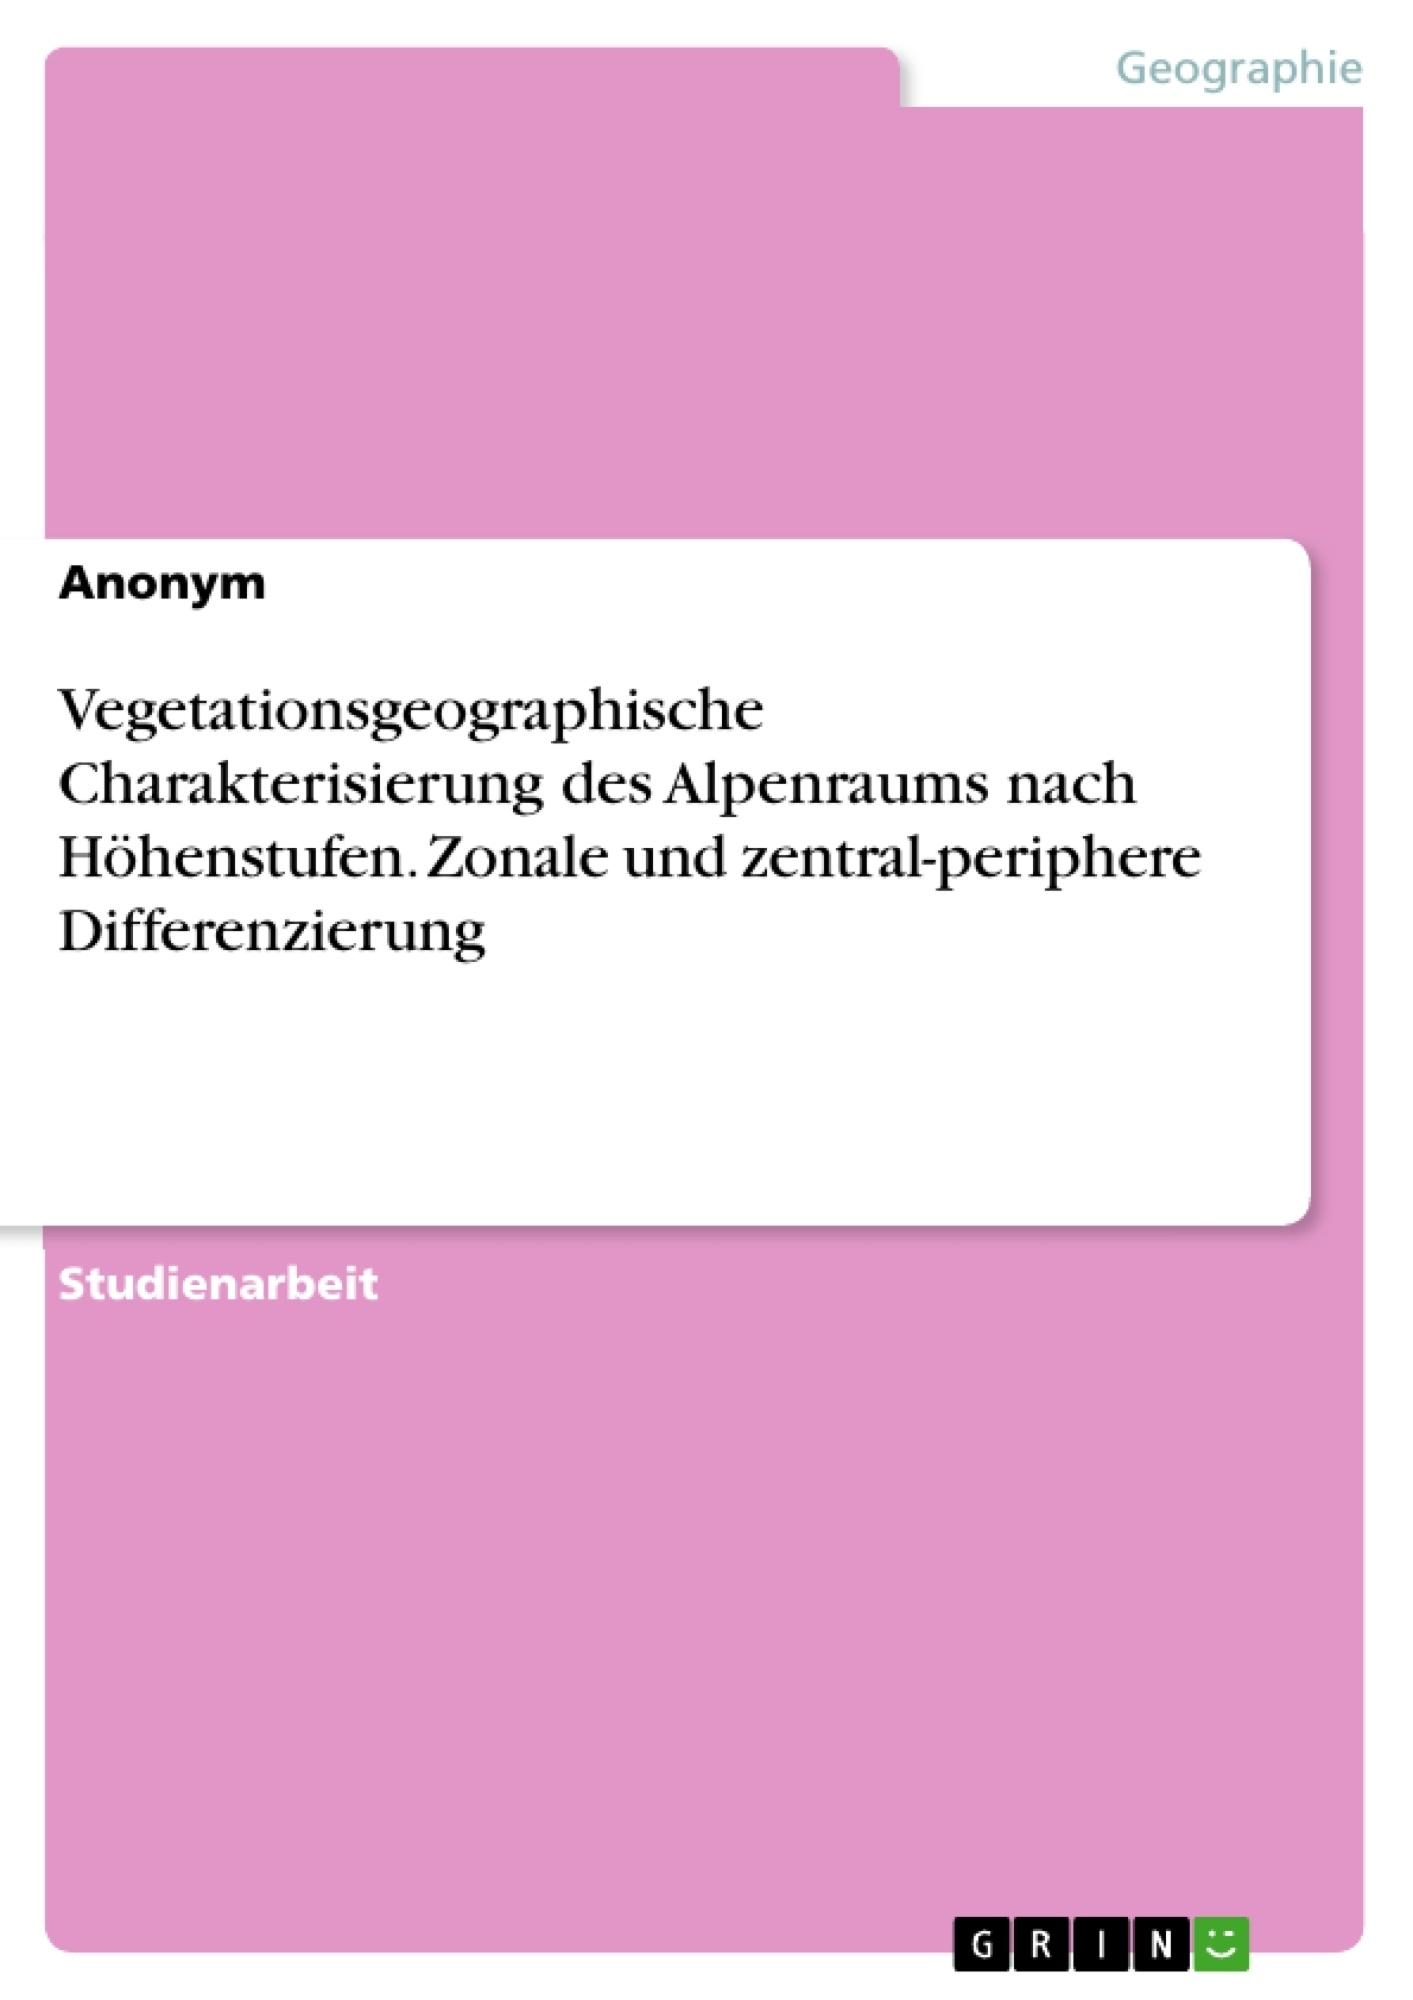 Titel: Vegetationsgeographische Charakterisierung des Alpenraums nach Höhenstufen. Zonale und zentral-periphere Differenzierung